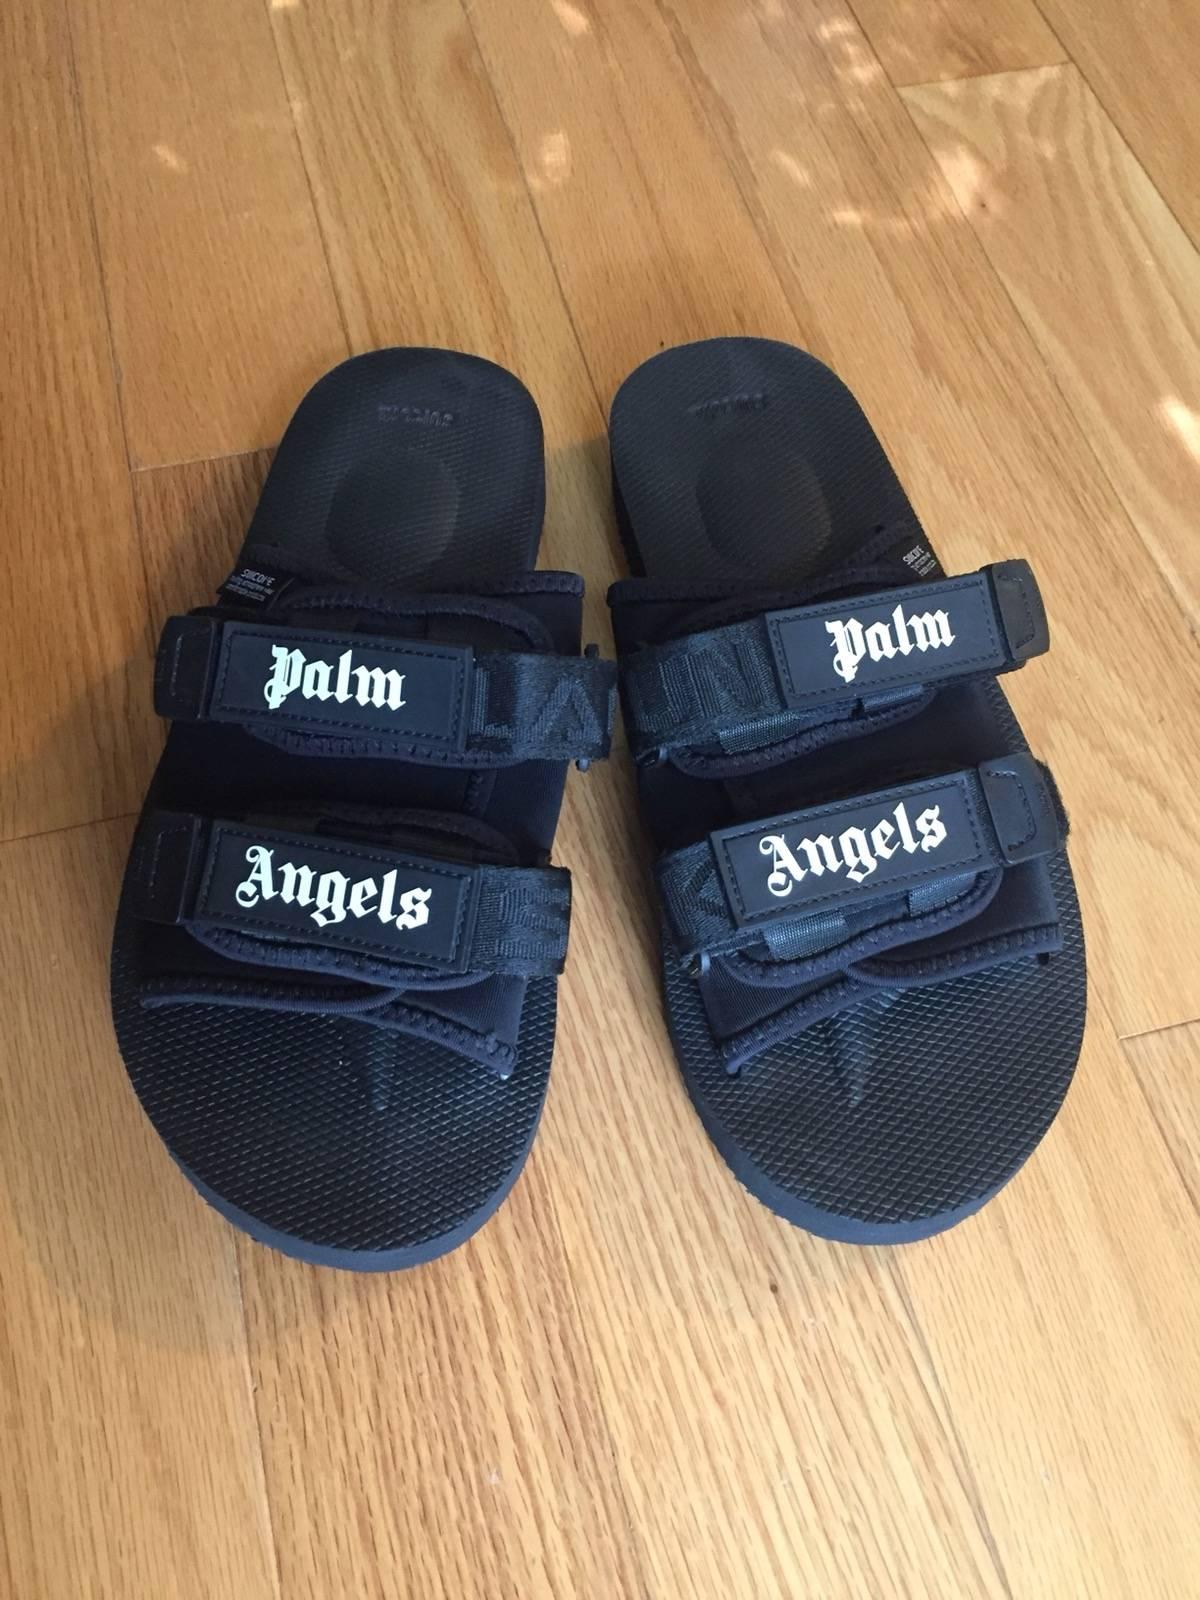 2f00b958cc98 Suicoke Palm Angels x Suicoke Moto Sandals Size 10 - Sandals for Sale -  Grailed